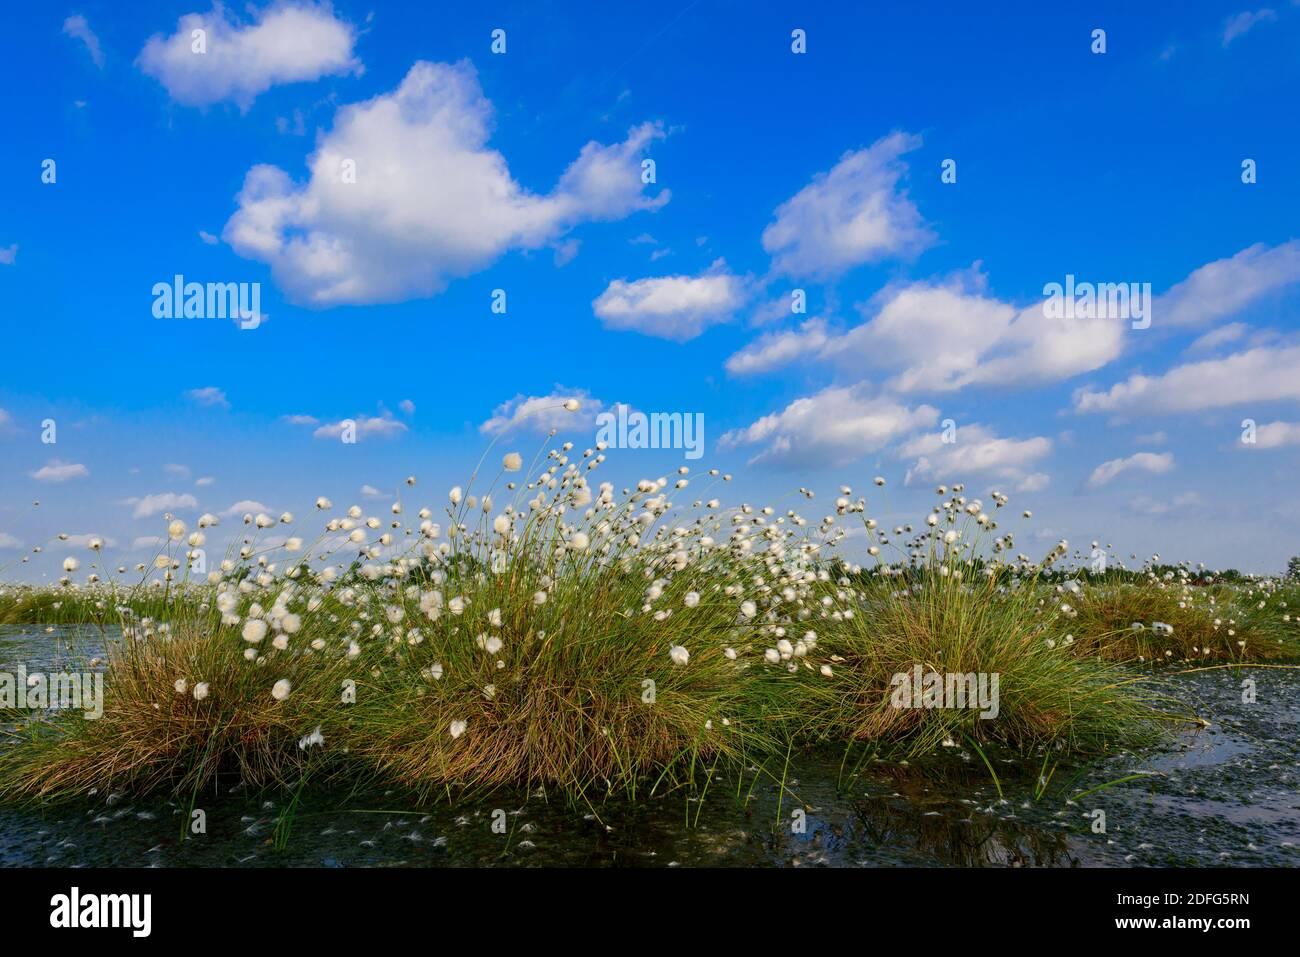 Blühendes Wollgras, Goldenstedter Moor, Vechta Foto de stock